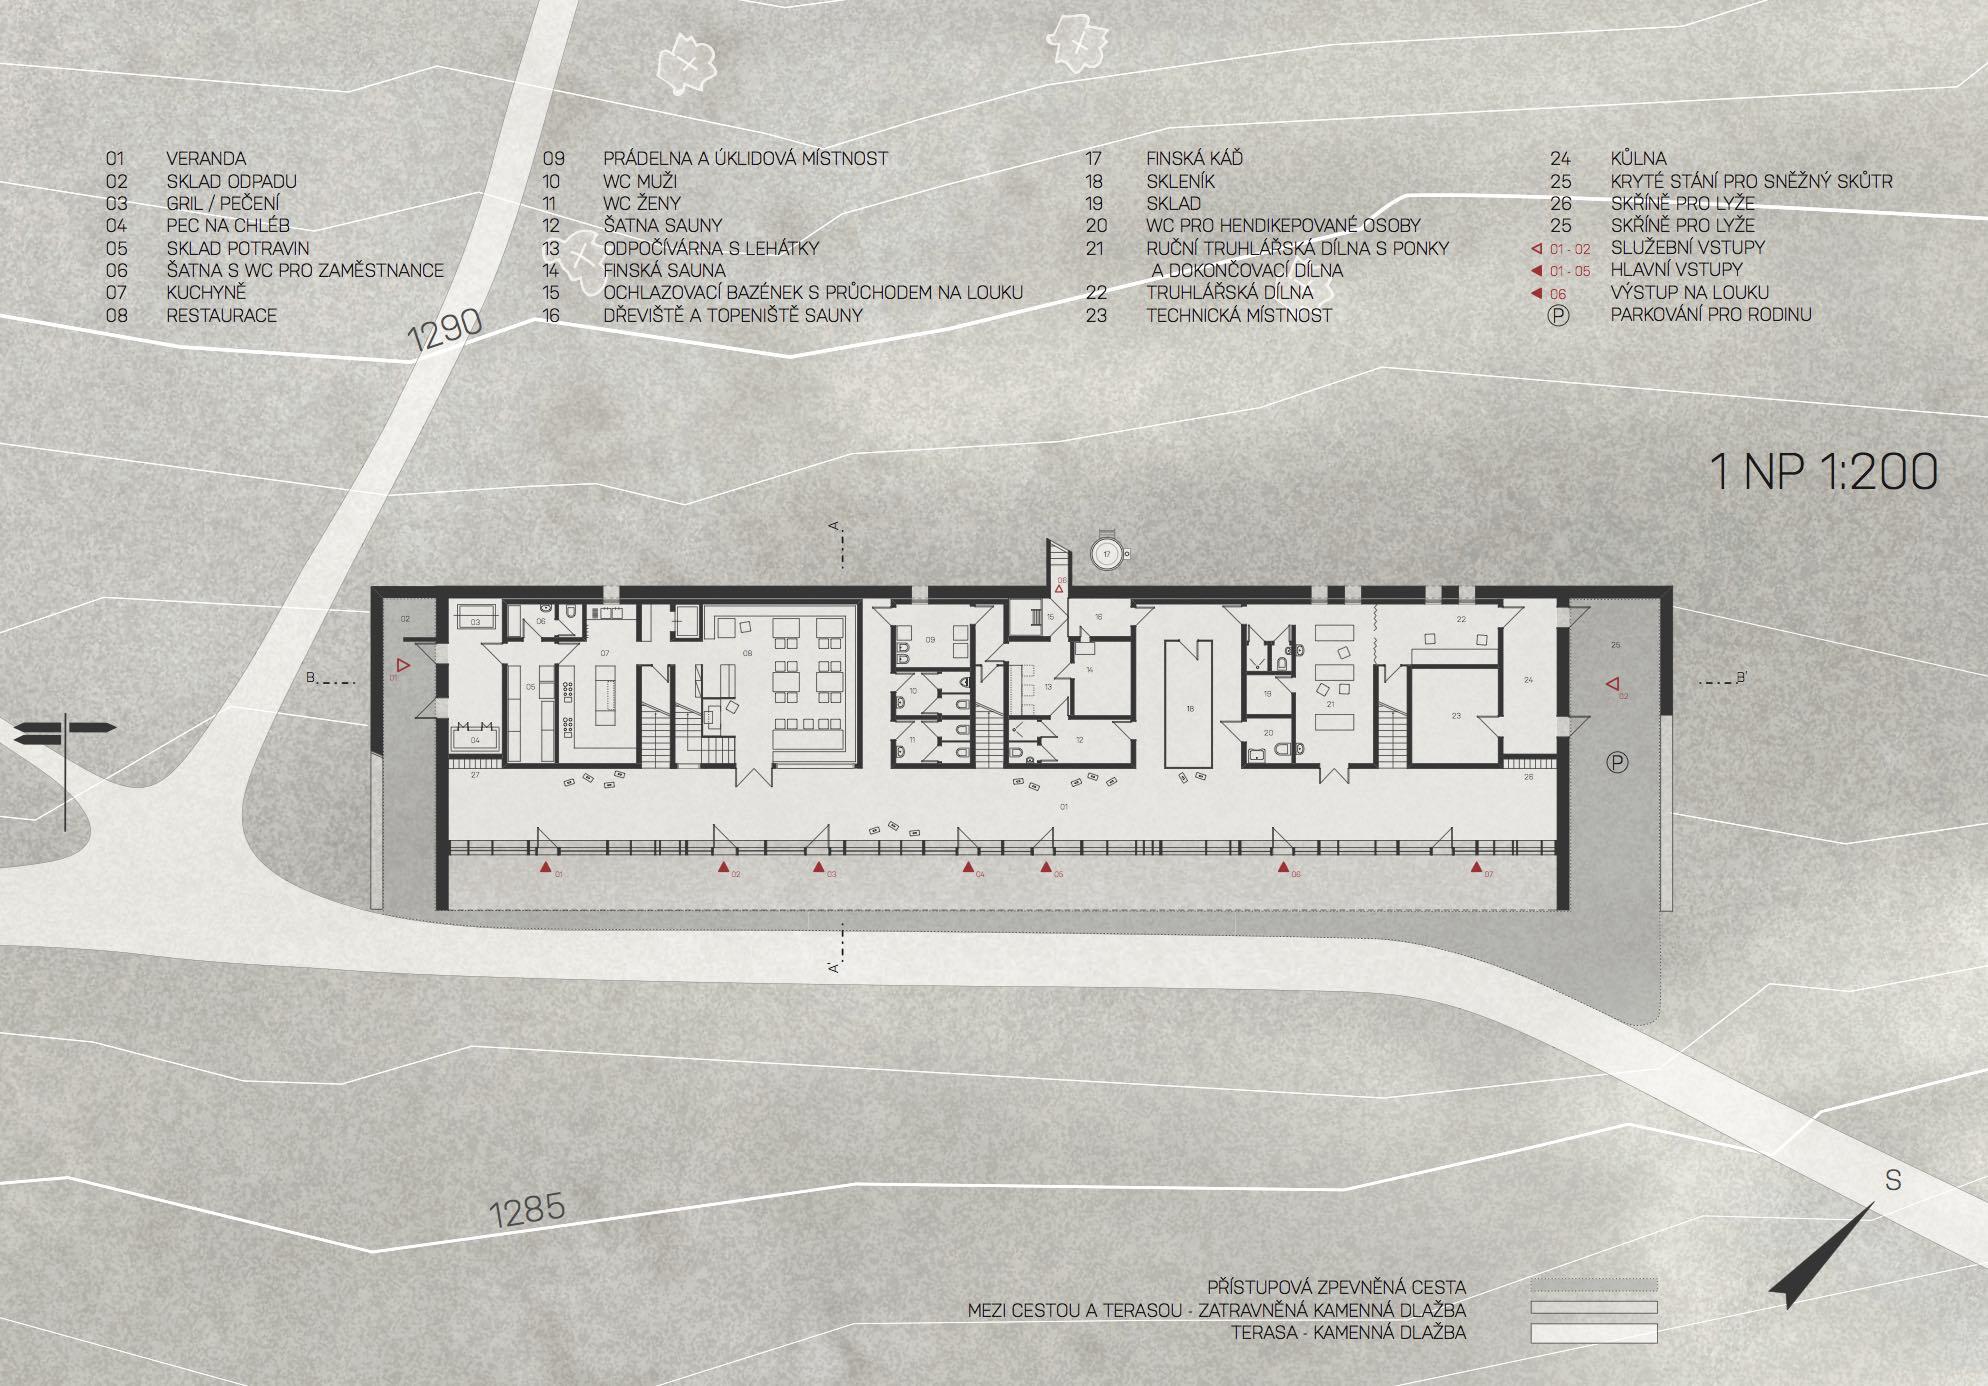 Hotel Petrova bouda - půdorys 2.NP. Autor: Kurz architekti